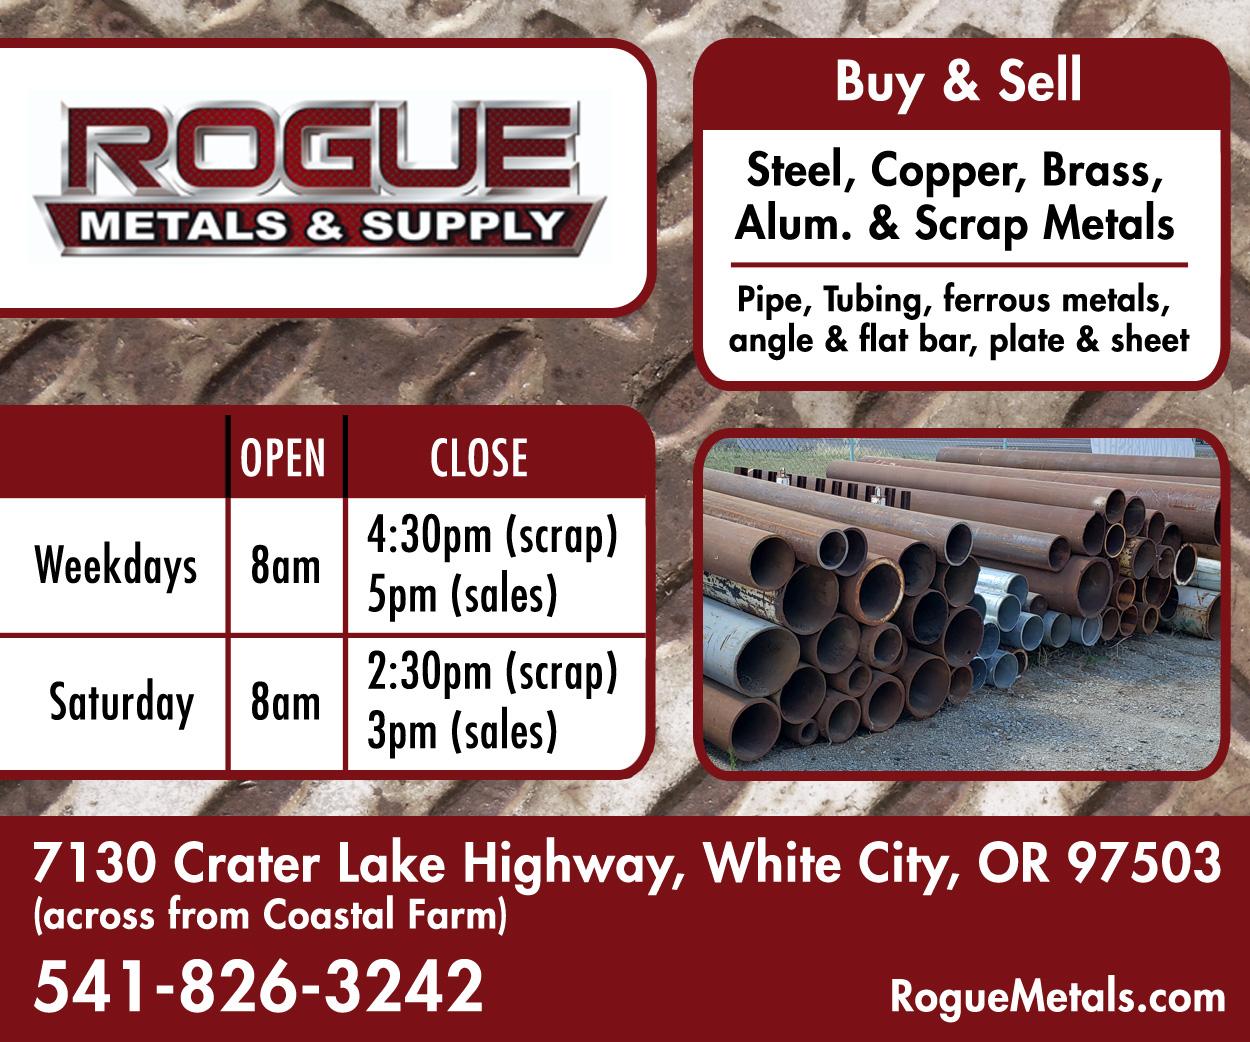 Rogue Metals Banner Ad